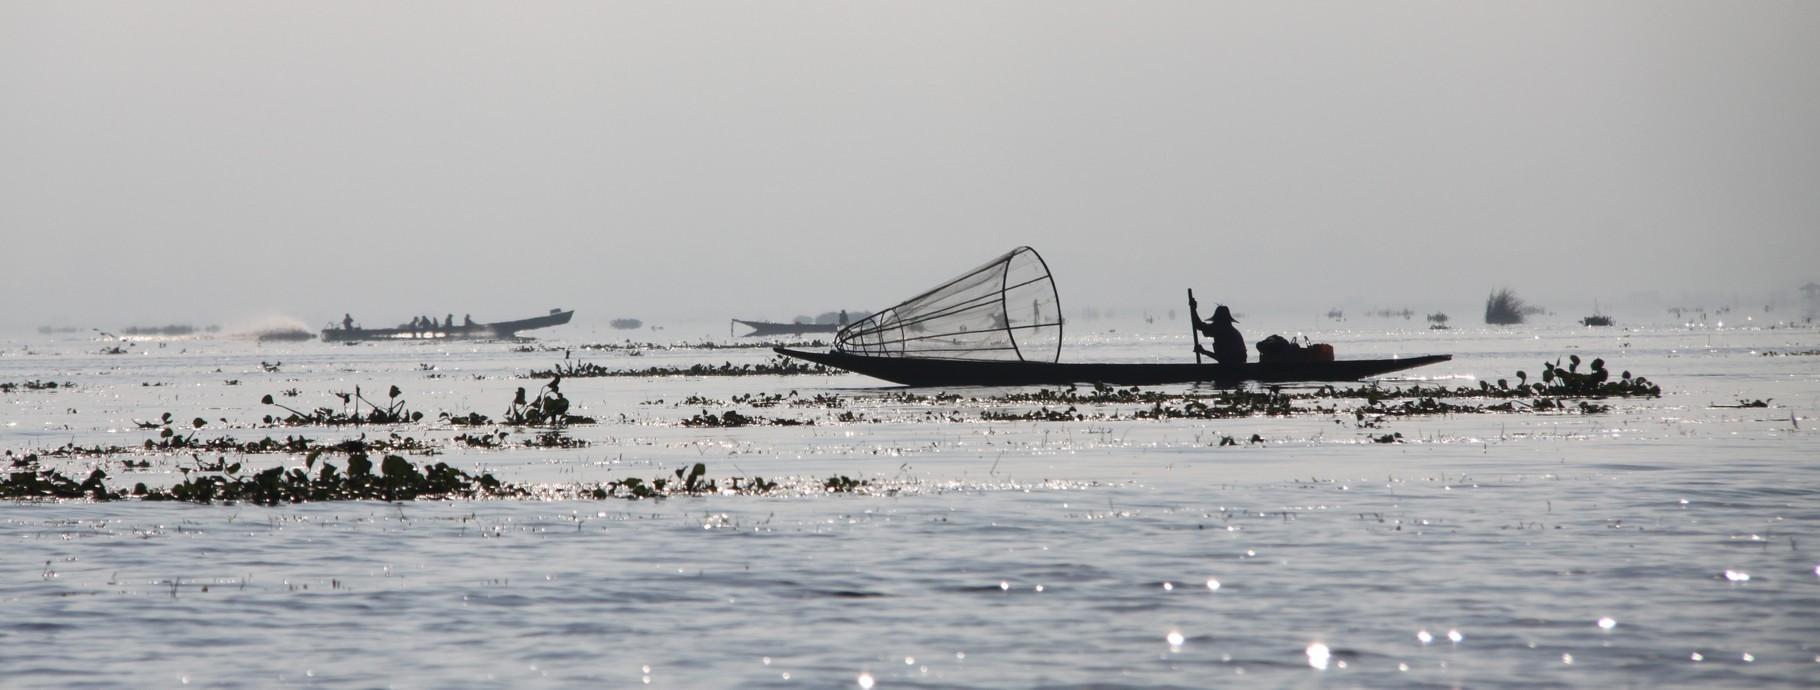 Beim Fischen, Inle See | Myanmar